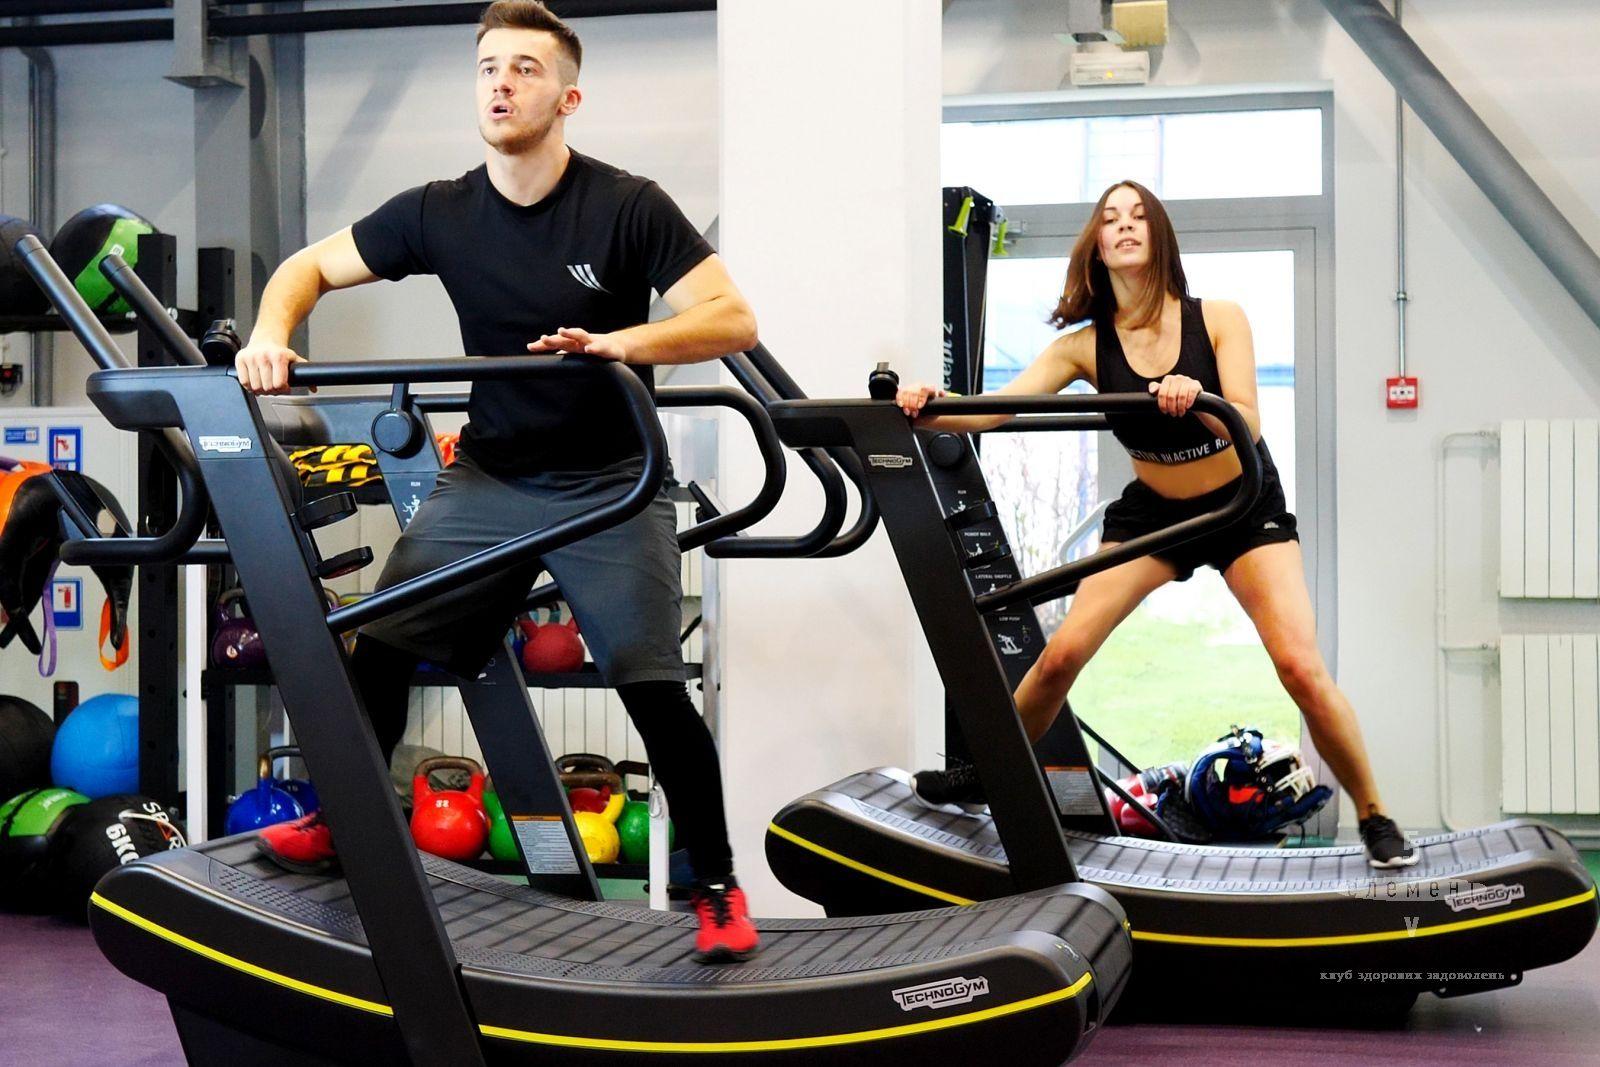 Инерционные дорожки Skillmill — элитный семейный Фитнес-центр 5 Элемент